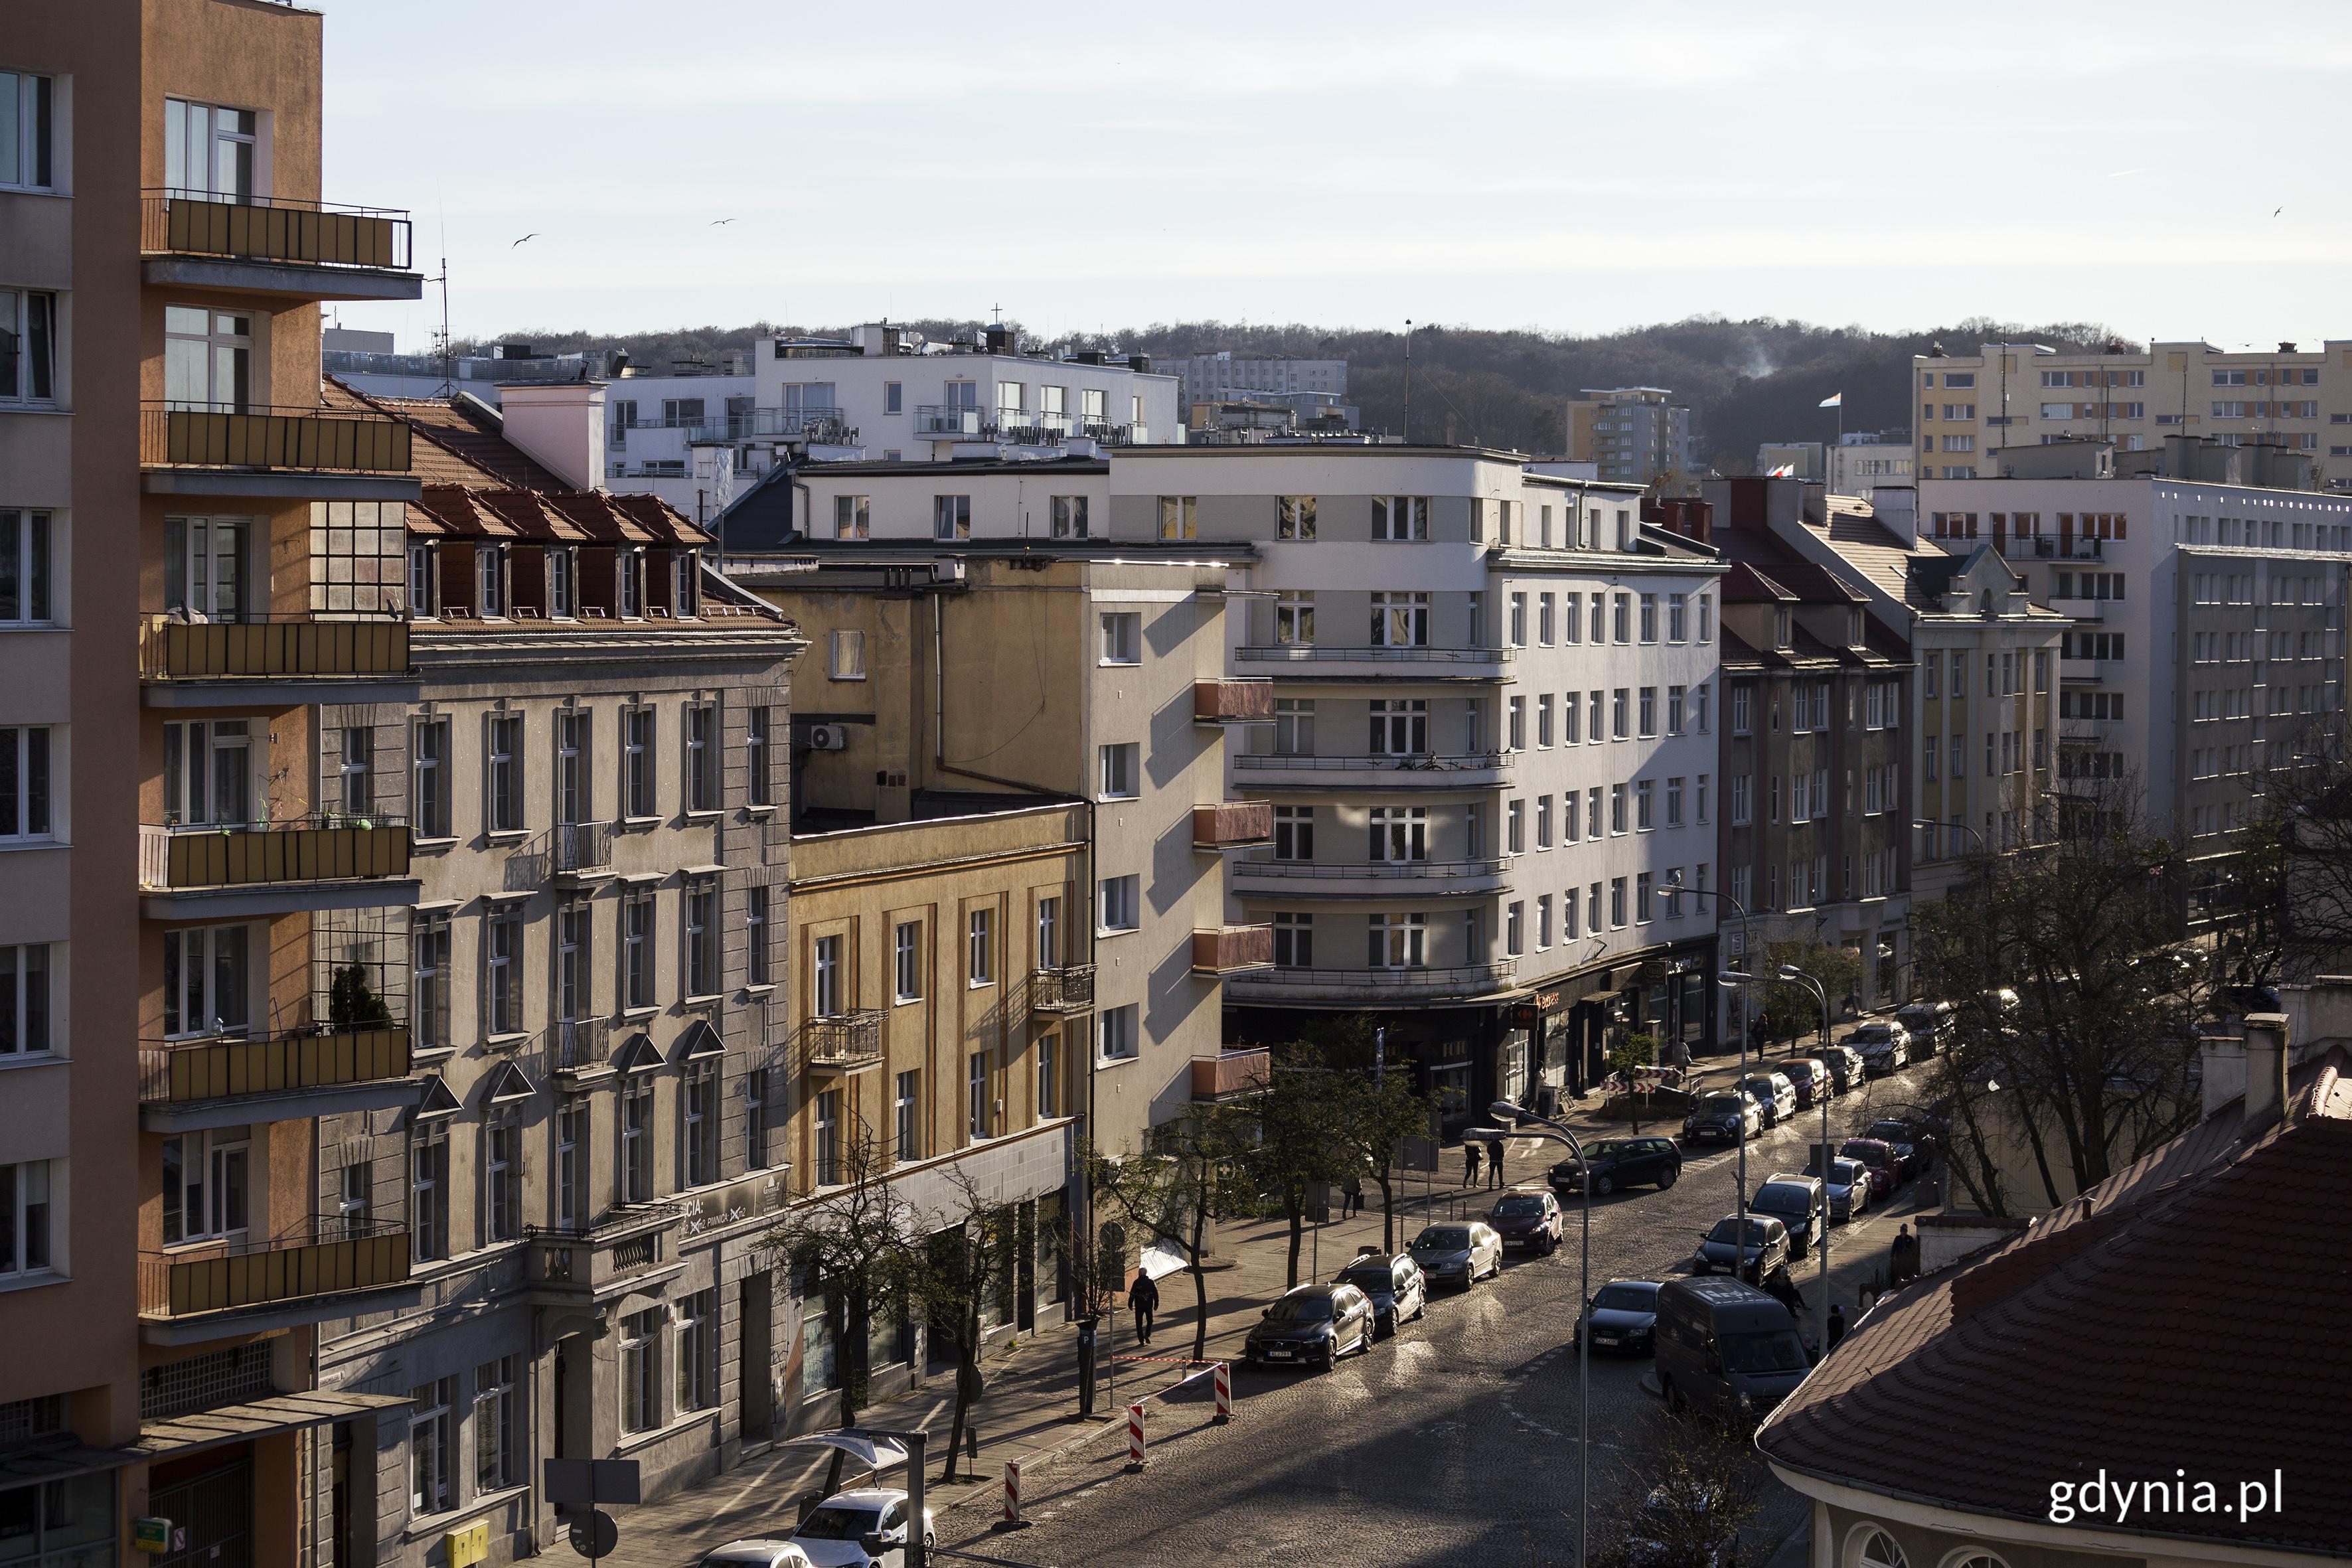 Hotel La Guitarra, dawniej Hotel Centralny na Starowiejskiej 1 oraz modernistyczne kamienice. Fot. Przemysław Kozłowski